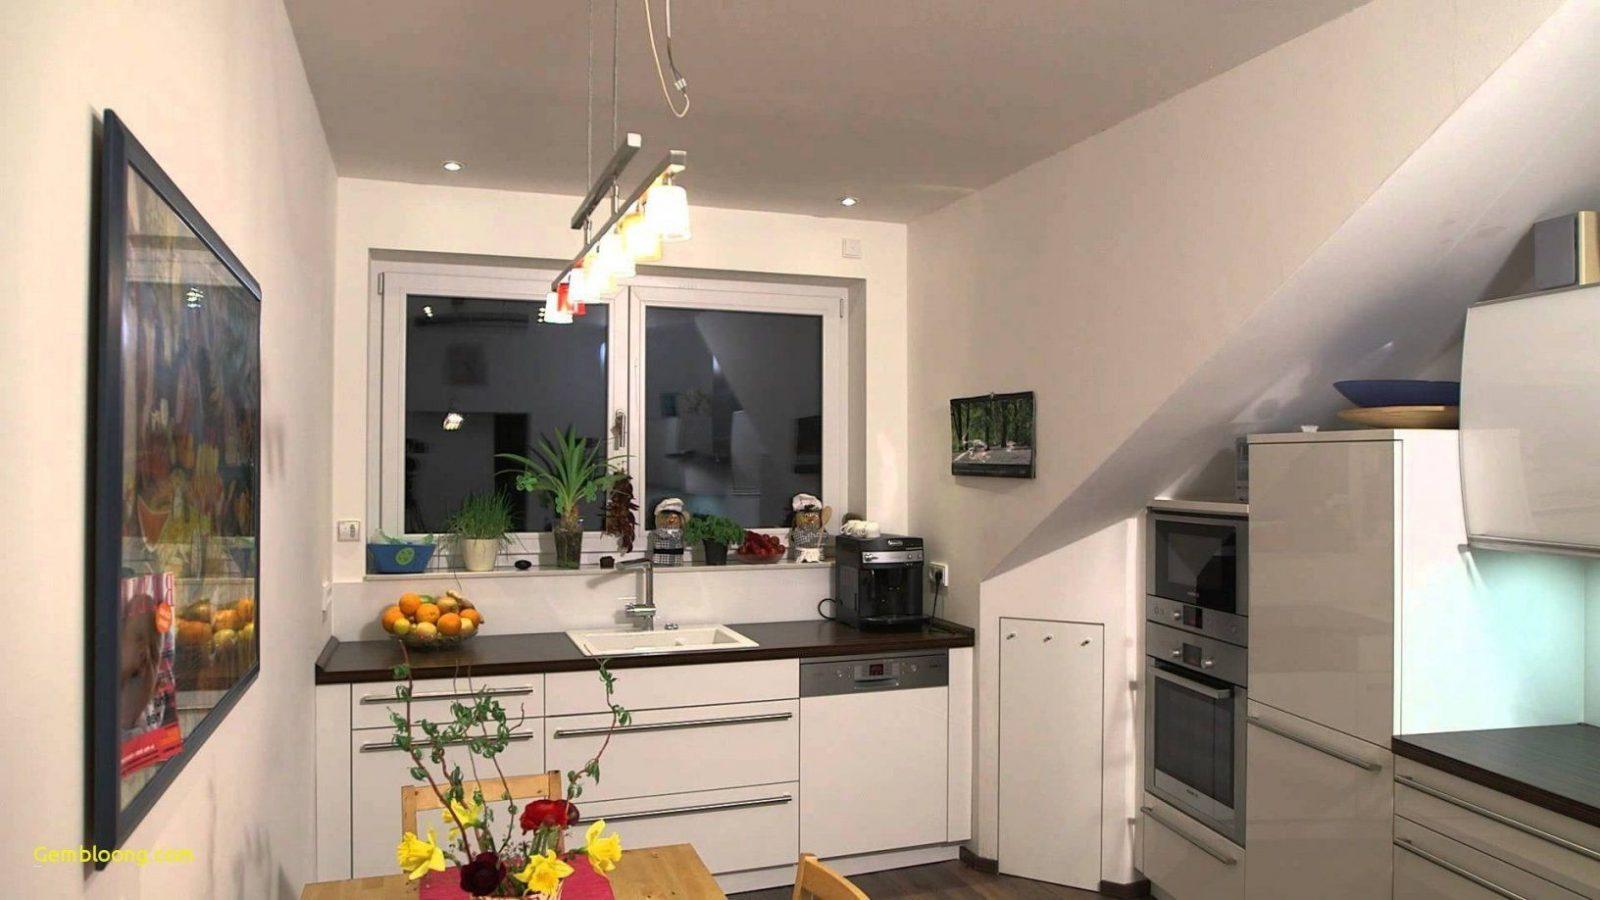 Kleine Küche Gestalten Ideen Schön 42 Elegant Kleine Wohnküche von Kleine Küche Gestalten Ideen Bild